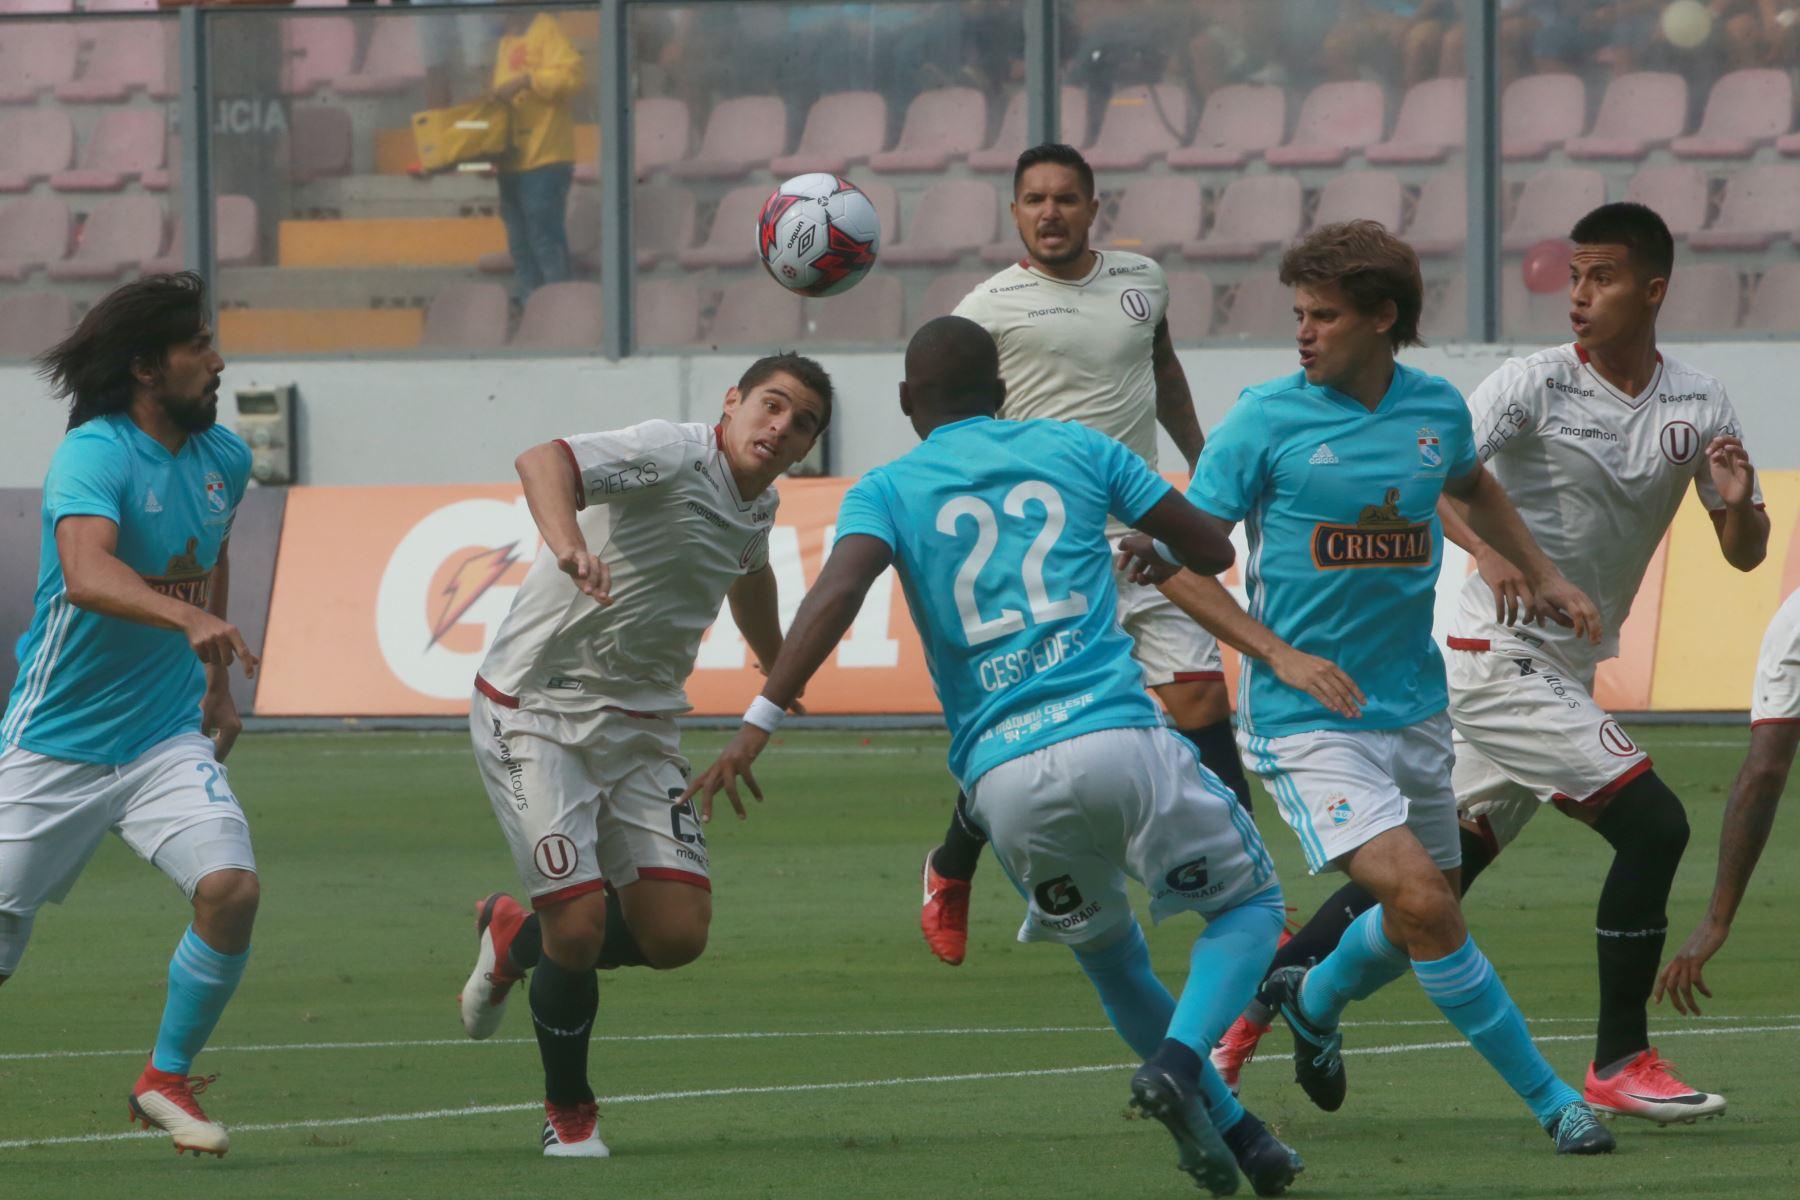 Universitario y Cristal igualaron está tarde 1-1 en el Estado Nacional. Foto:ANDINA/ Jhony Laurente